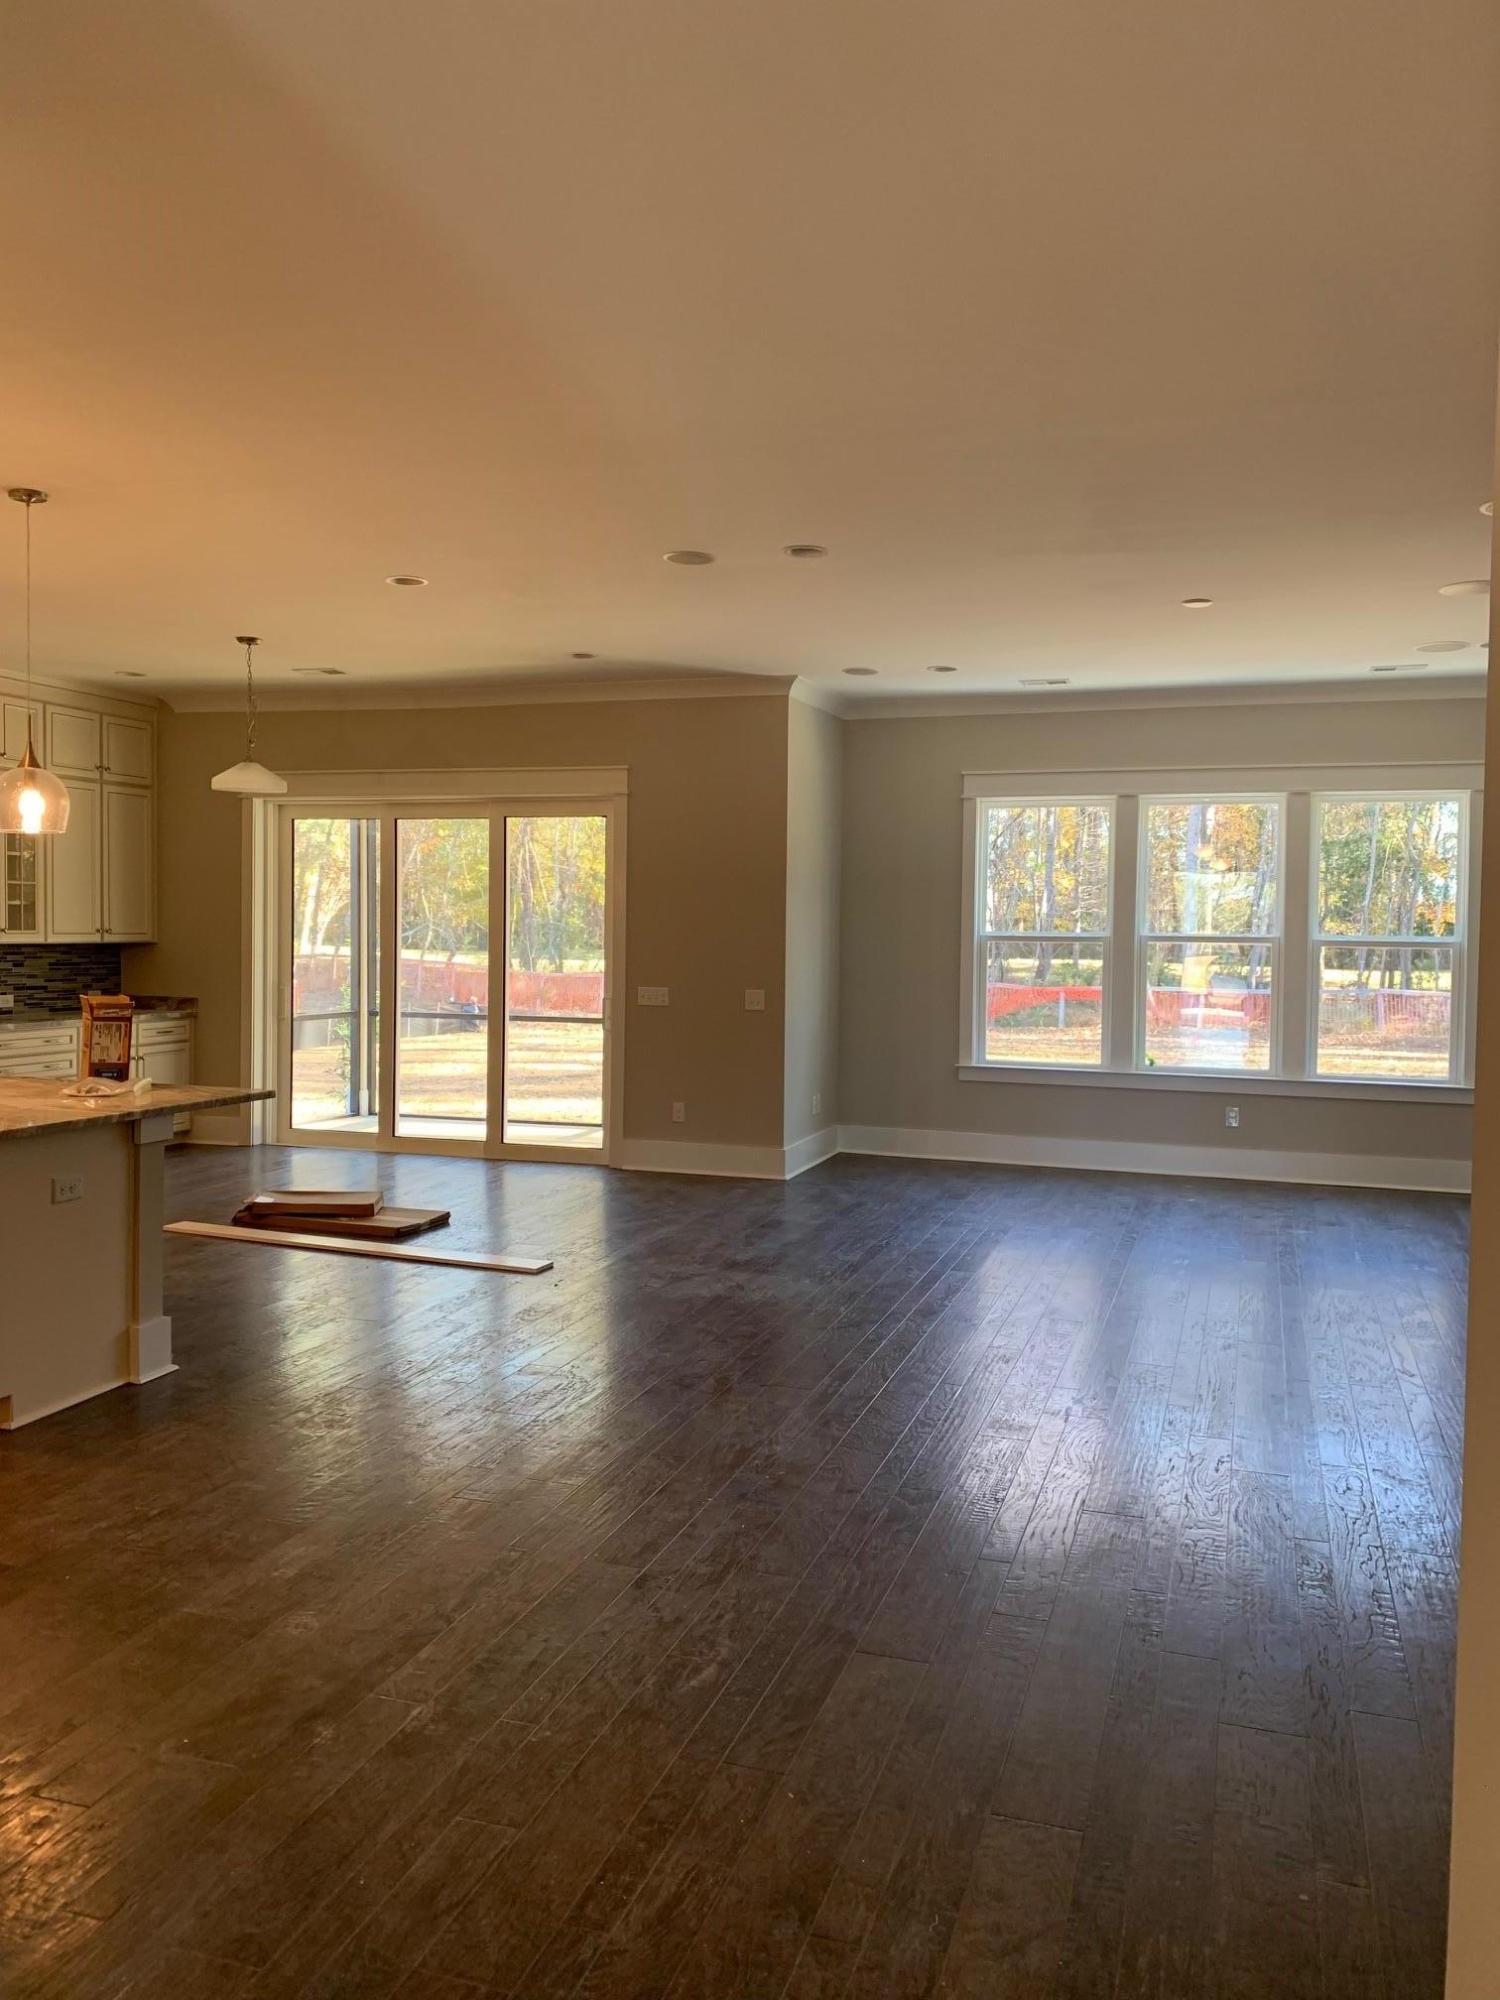 Dunes West Homes For Sale - 2661 Dutchman, Mount Pleasant, SC - 6